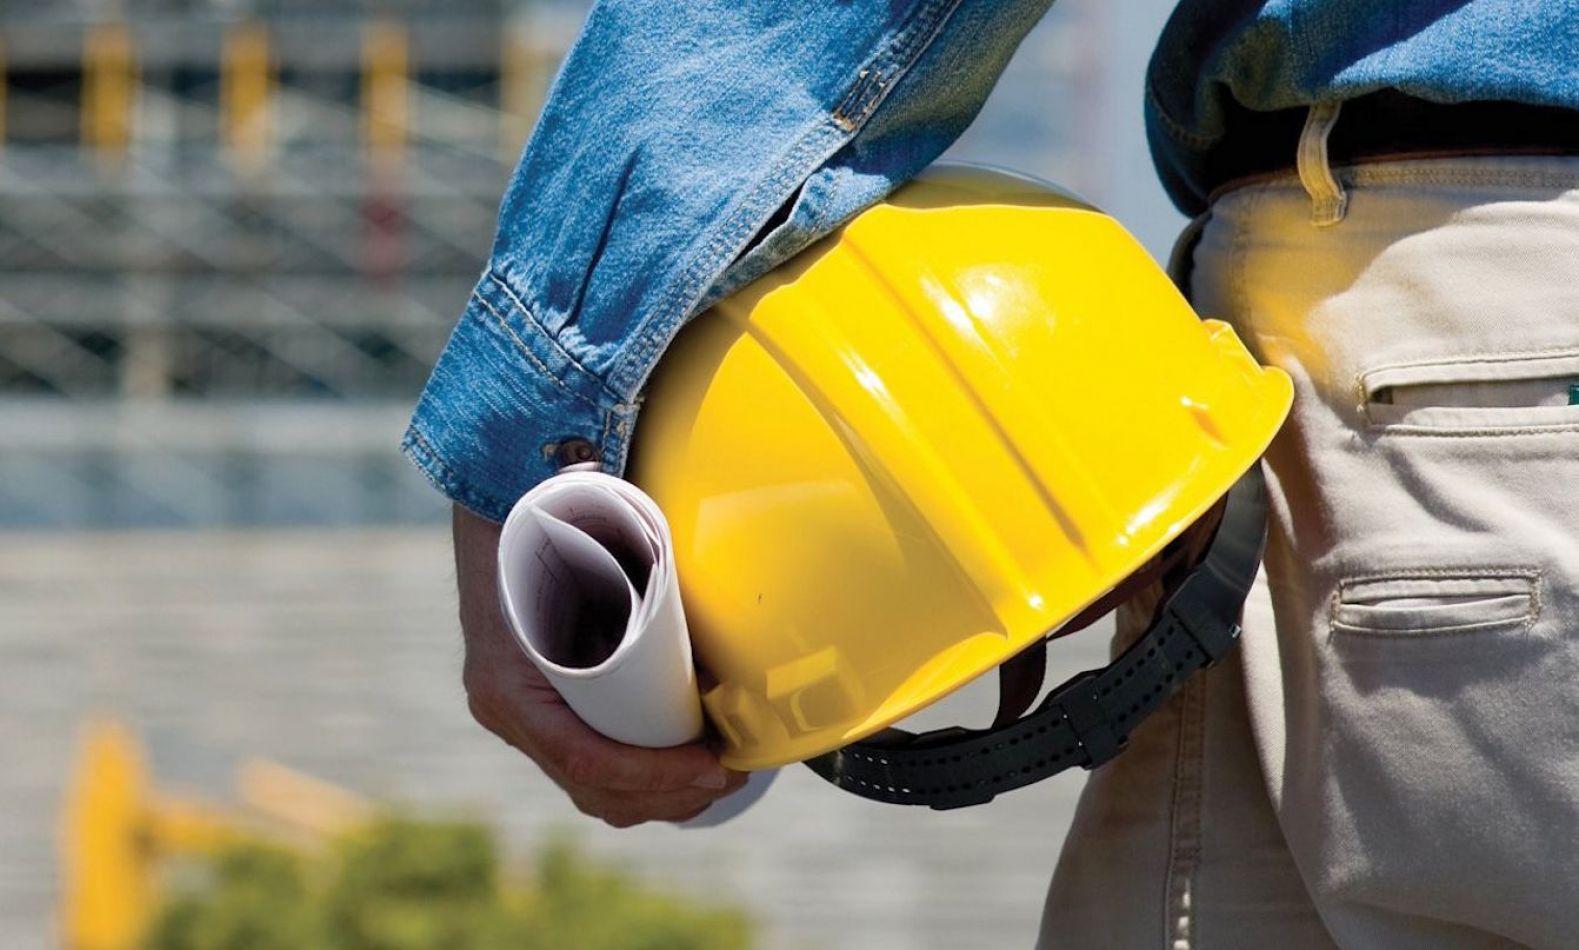 Jujuy registró la caída de empleo más alta del país: 4,6% interanual